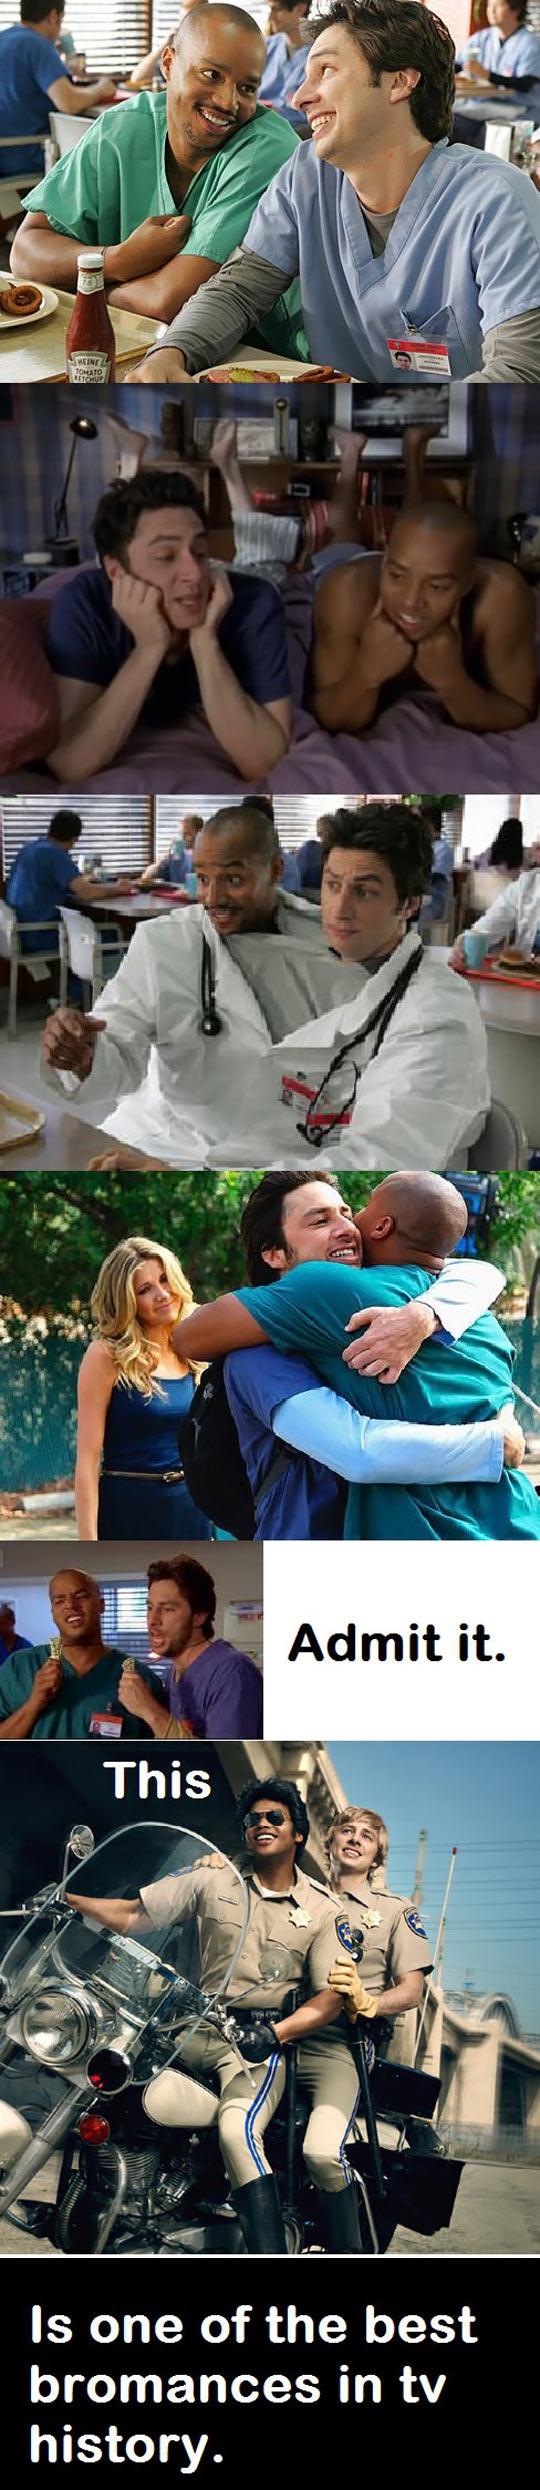 funny-JD-Turk-Scrubs-bromance-love